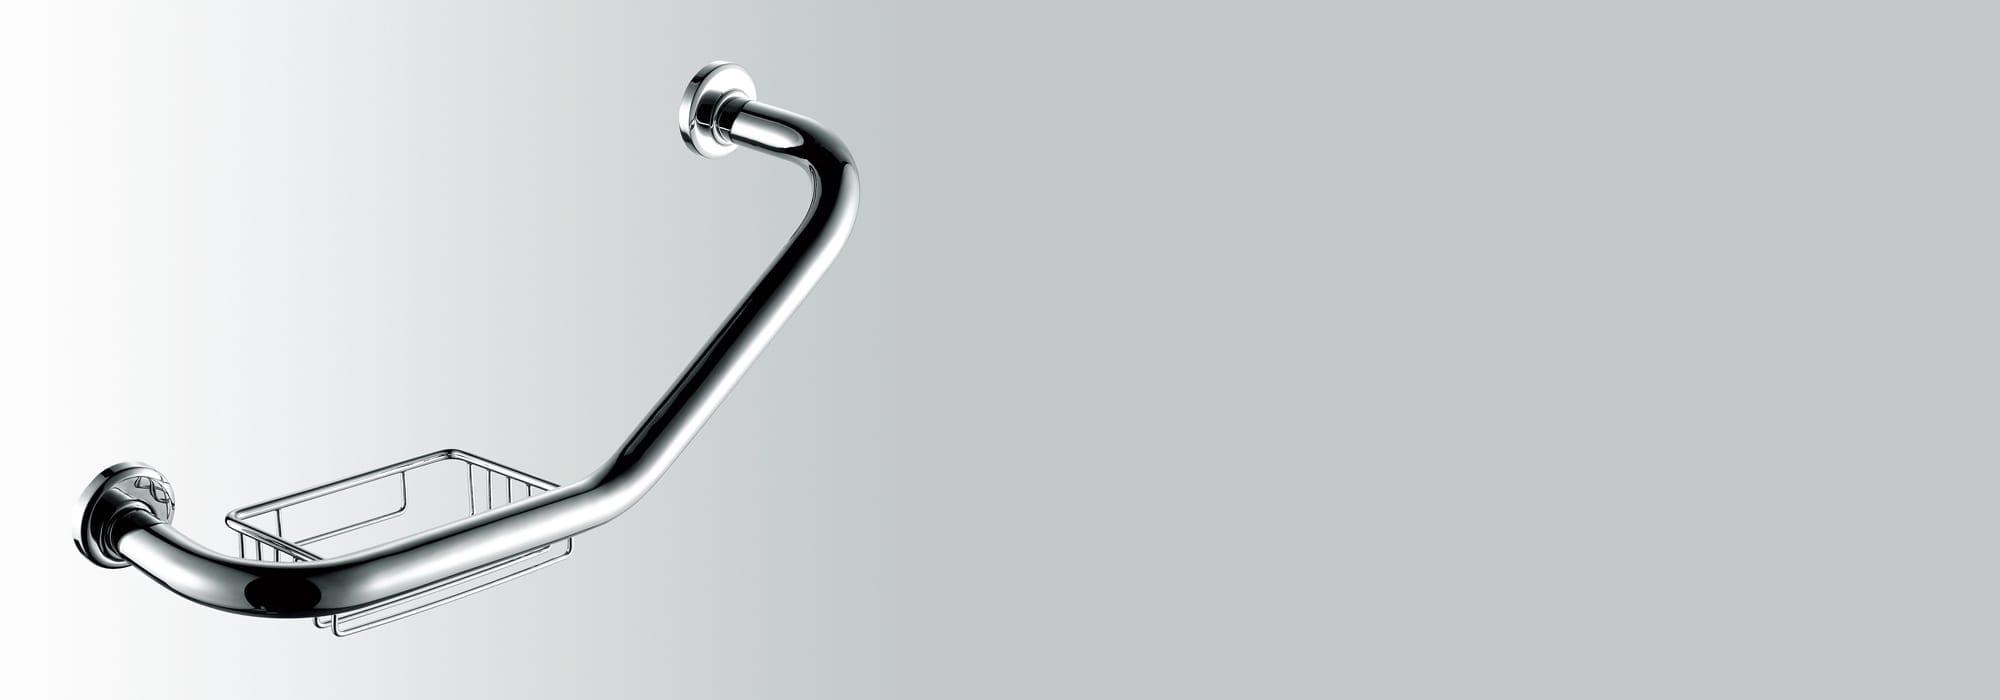 אביזר אמבטיה מעקה מתכת פליז דגם 654 by Milstone